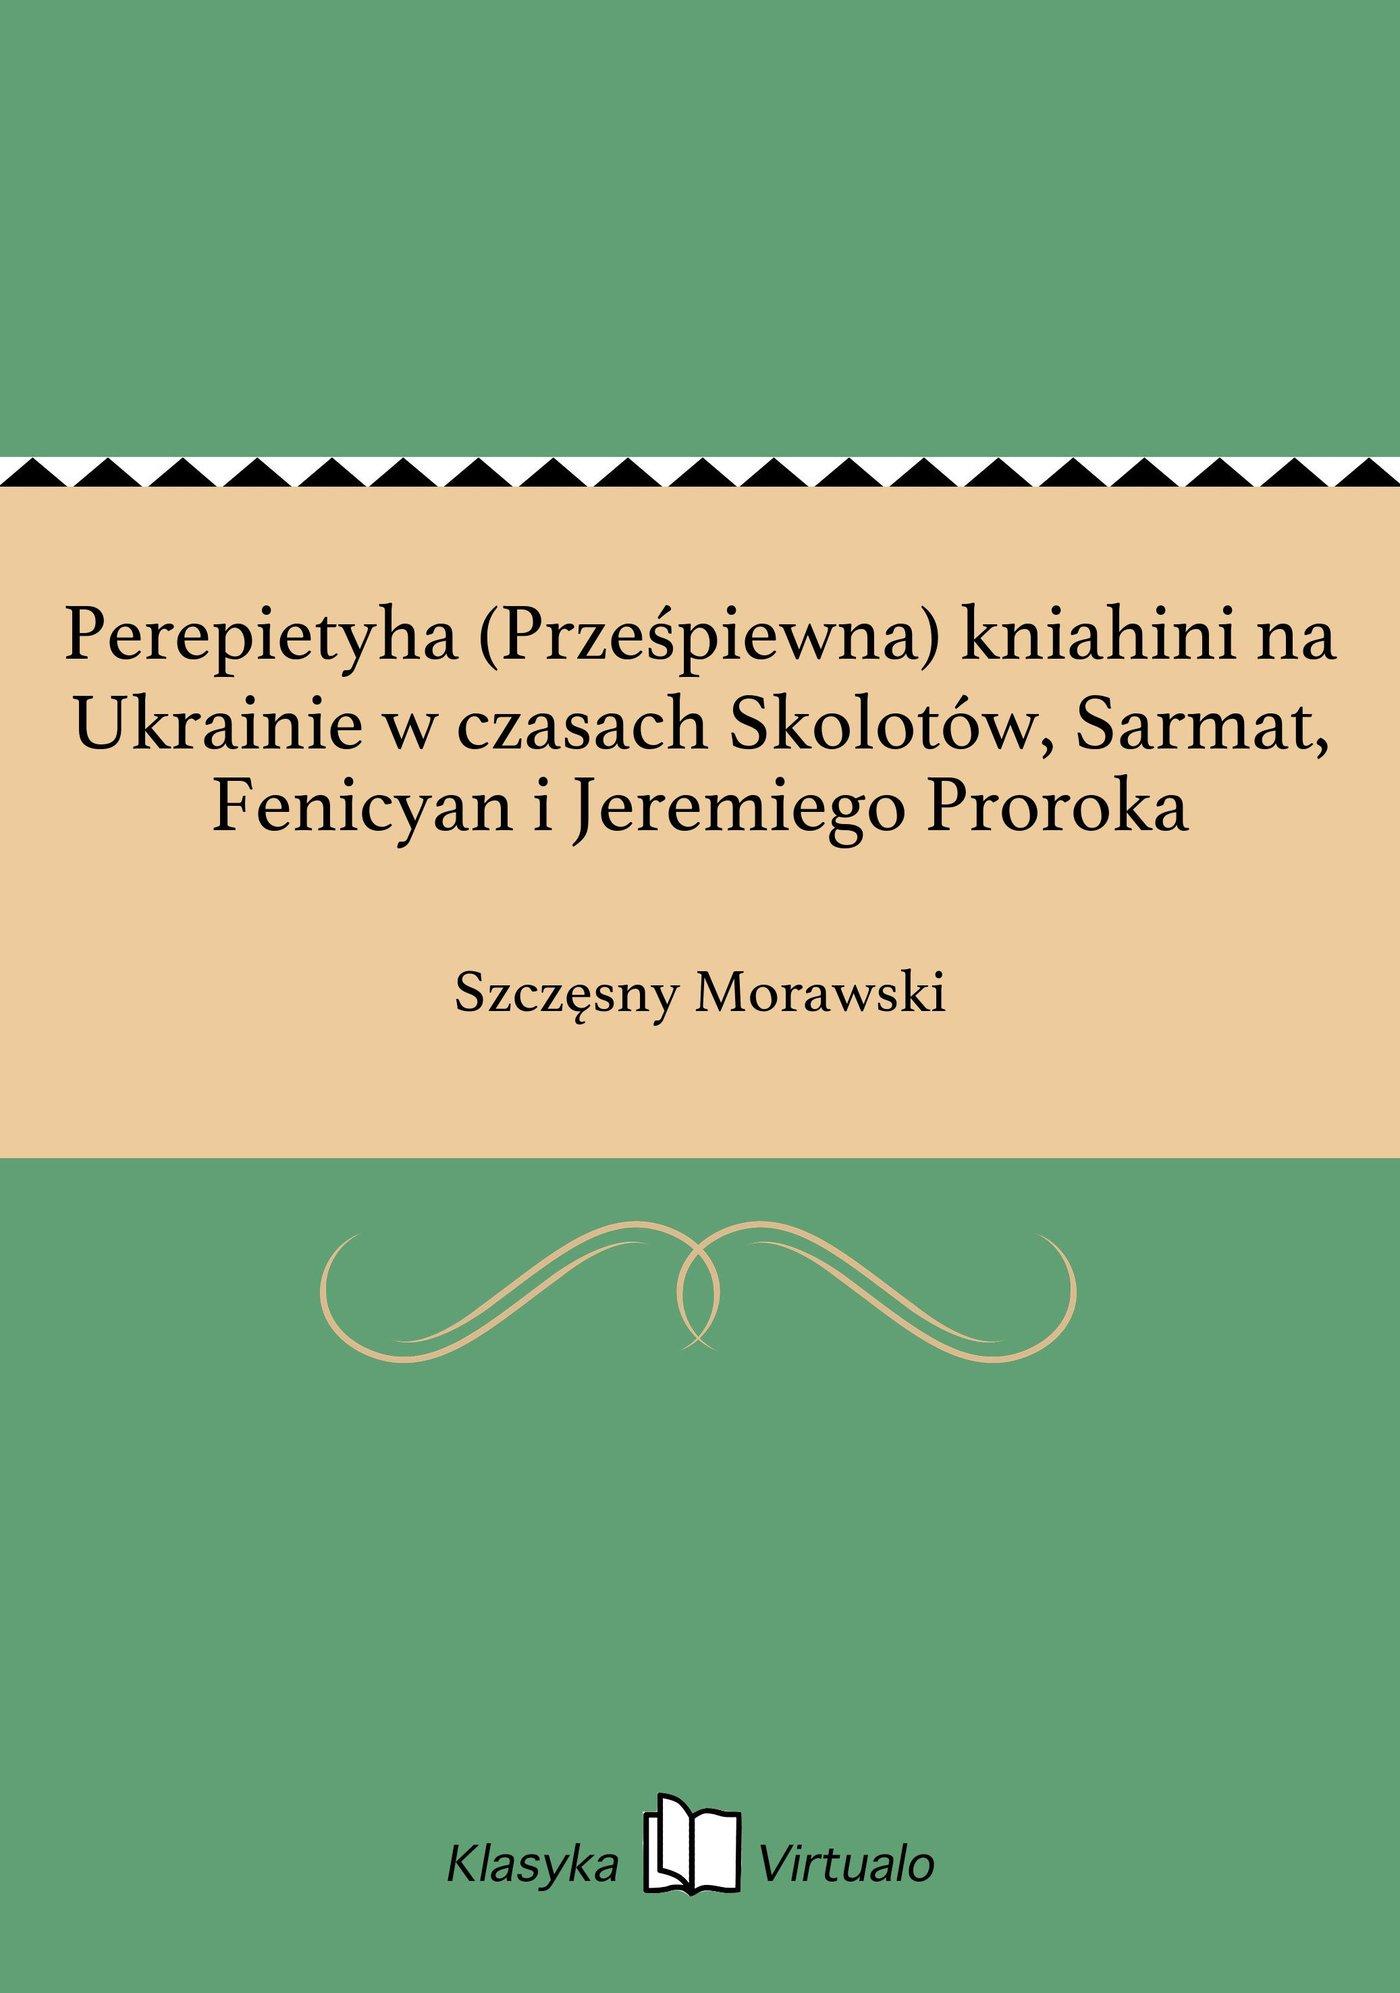 Perepietyha (Prześpiewna) kniahini na Ukrainie w czasach Skolotów, Sarmat, Fenicyan i Jeremiego Proroka - Ebook (Książka EPUB) do pobrania w formacie EPUB